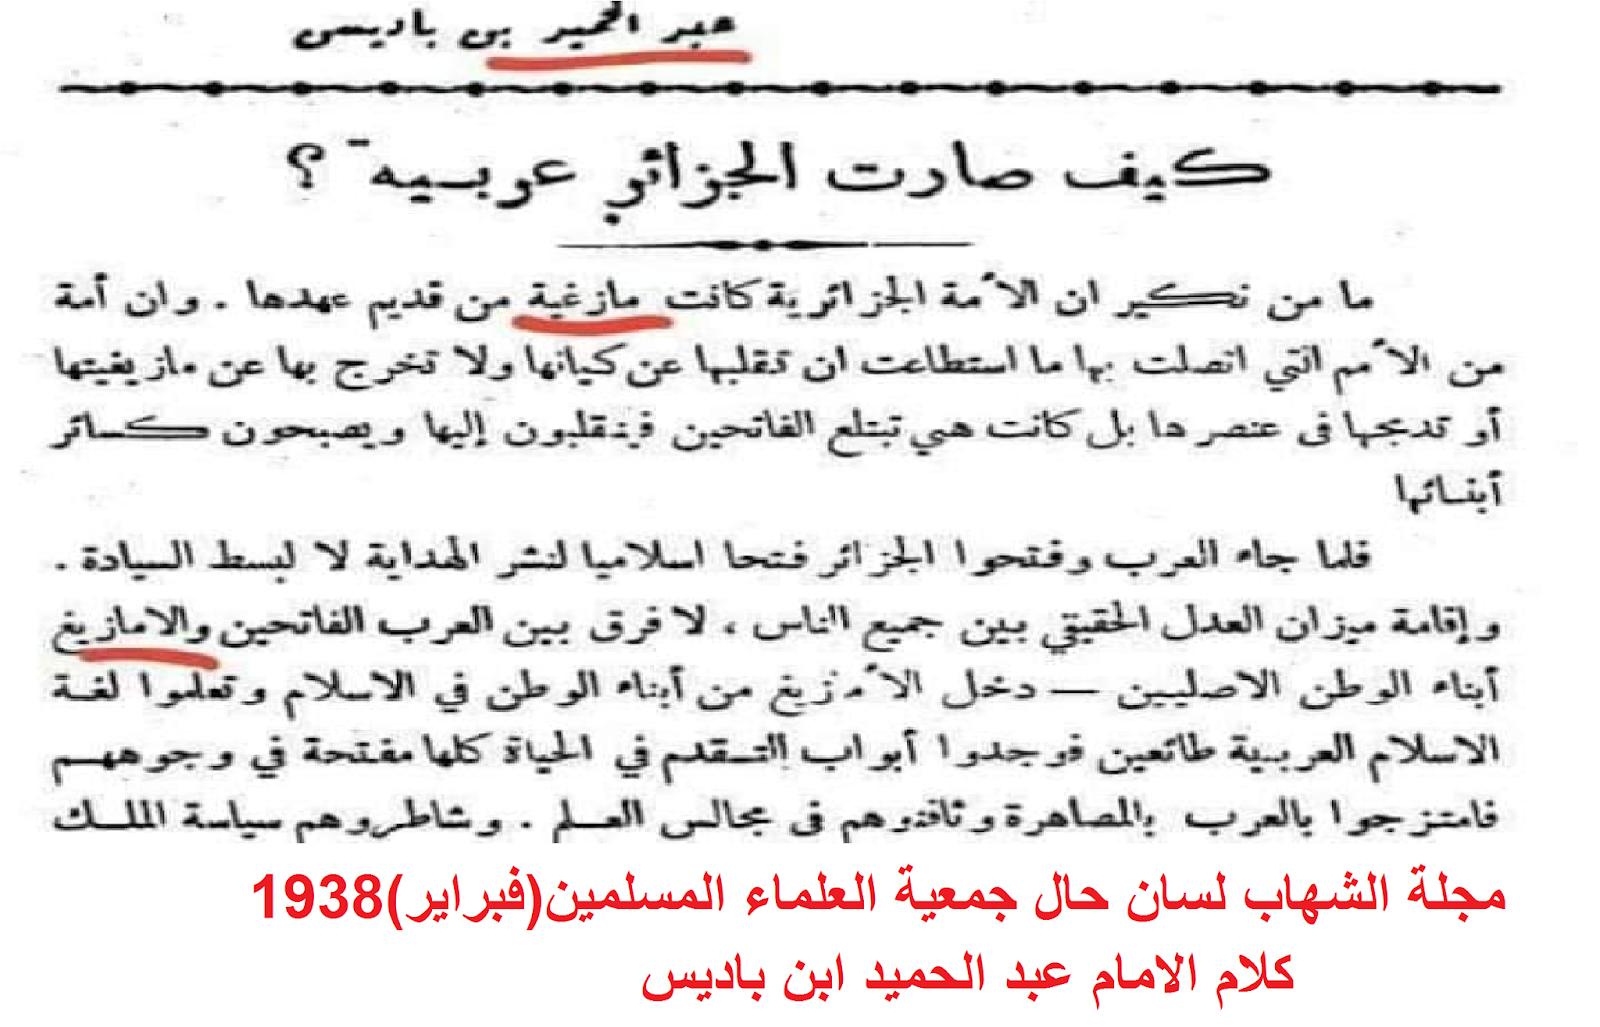 حوار بين عربي وامازيغي حول الهوية واللغة والعلم الامازيغي